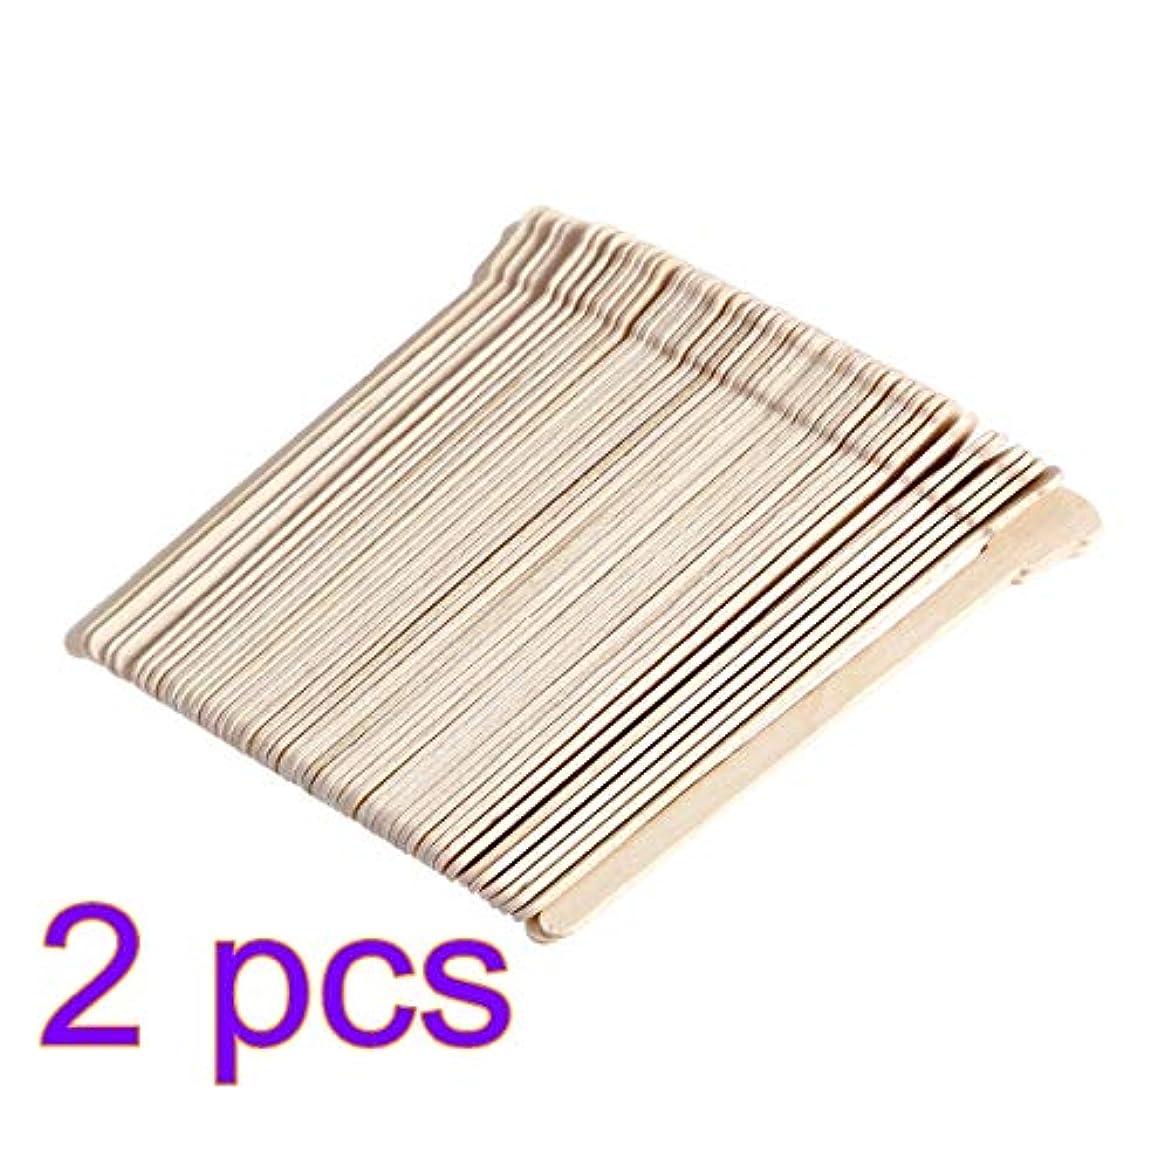 バージン感性メディカルSUPVOX 100ピース木製ワックススティックフェイス眉毛ワックスへら脱毛(オリジナル木製色)